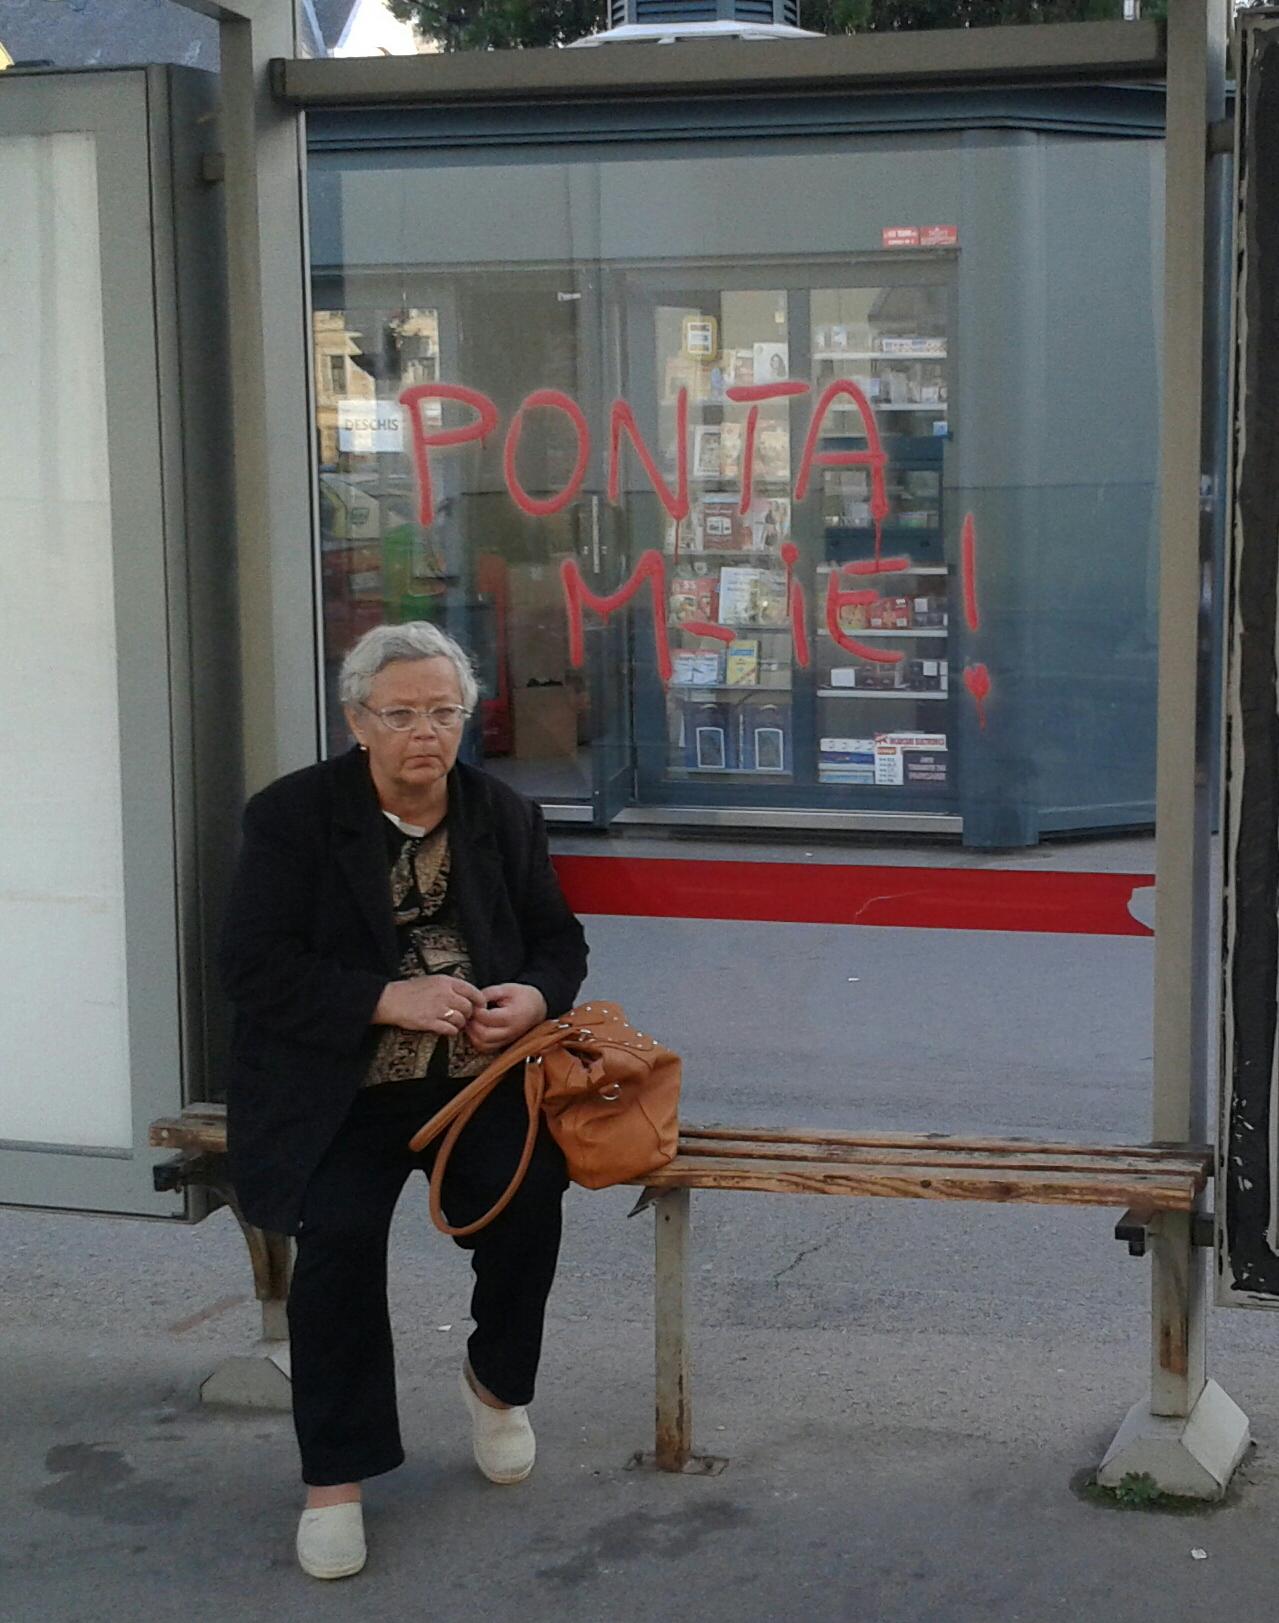 A néni kedvéért hiányzik egy 'u'. De amúgy ott van az igazából.